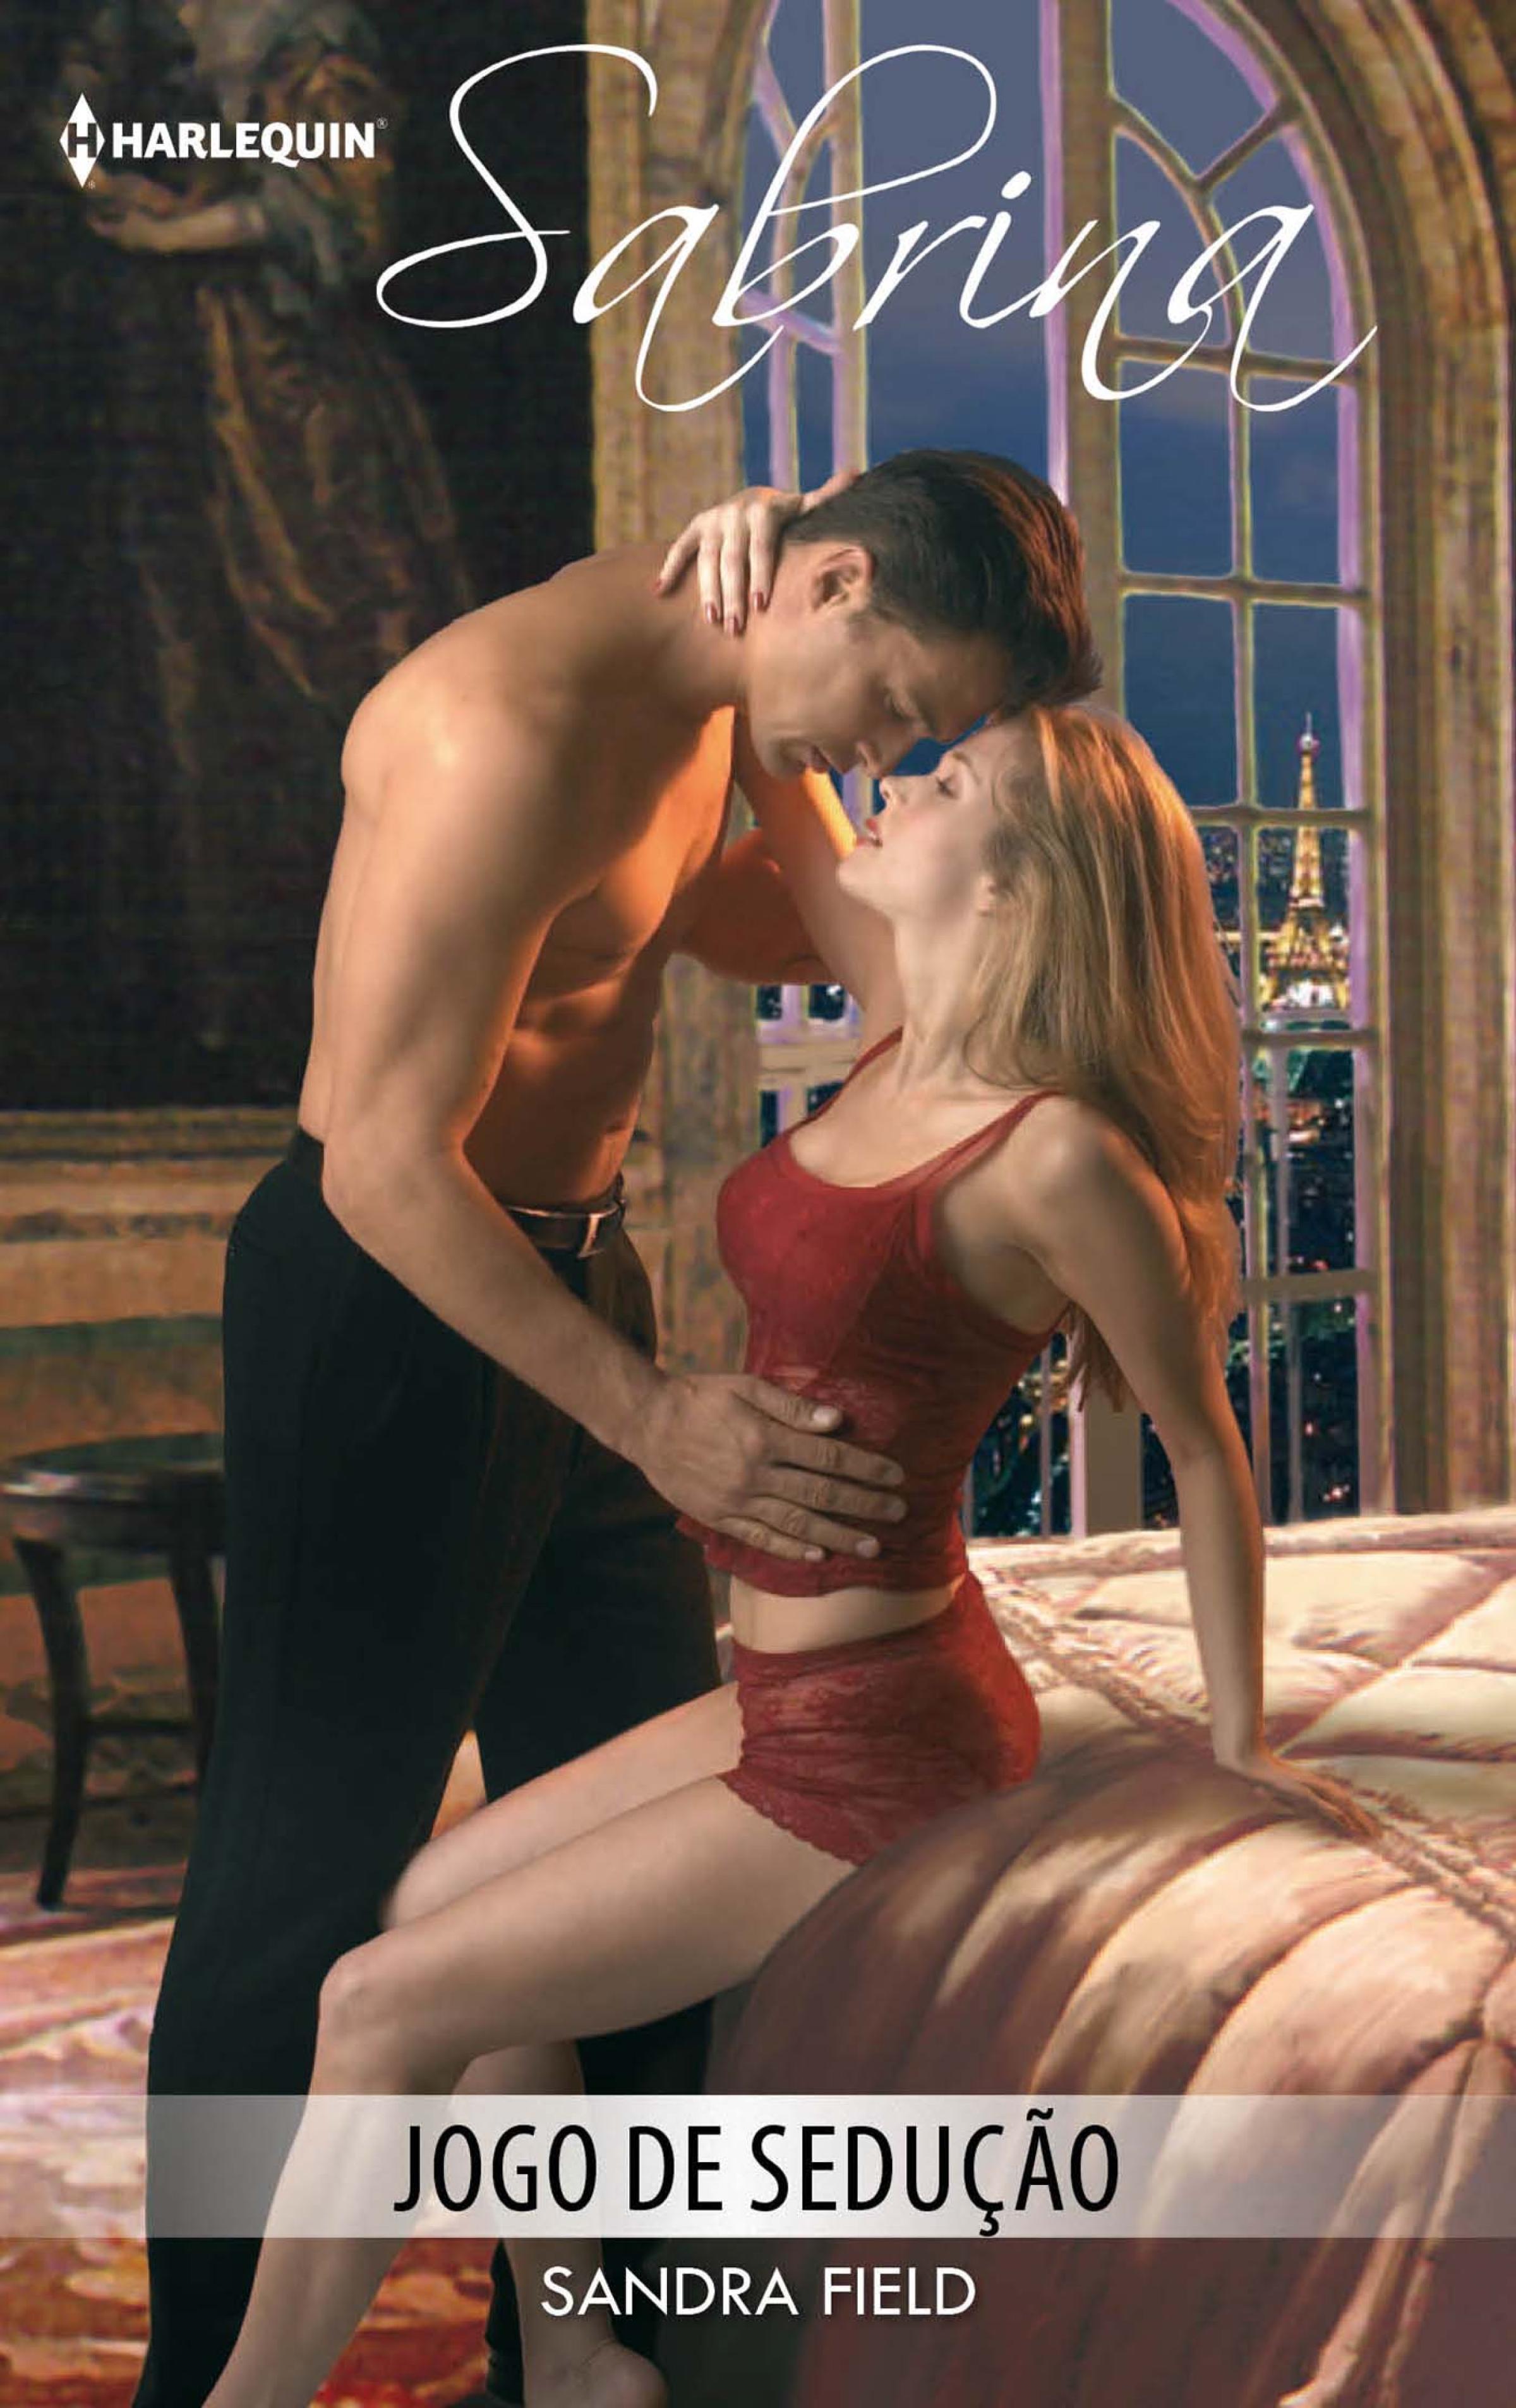 Sandra Field Jogo de sedução sandra field the dating game